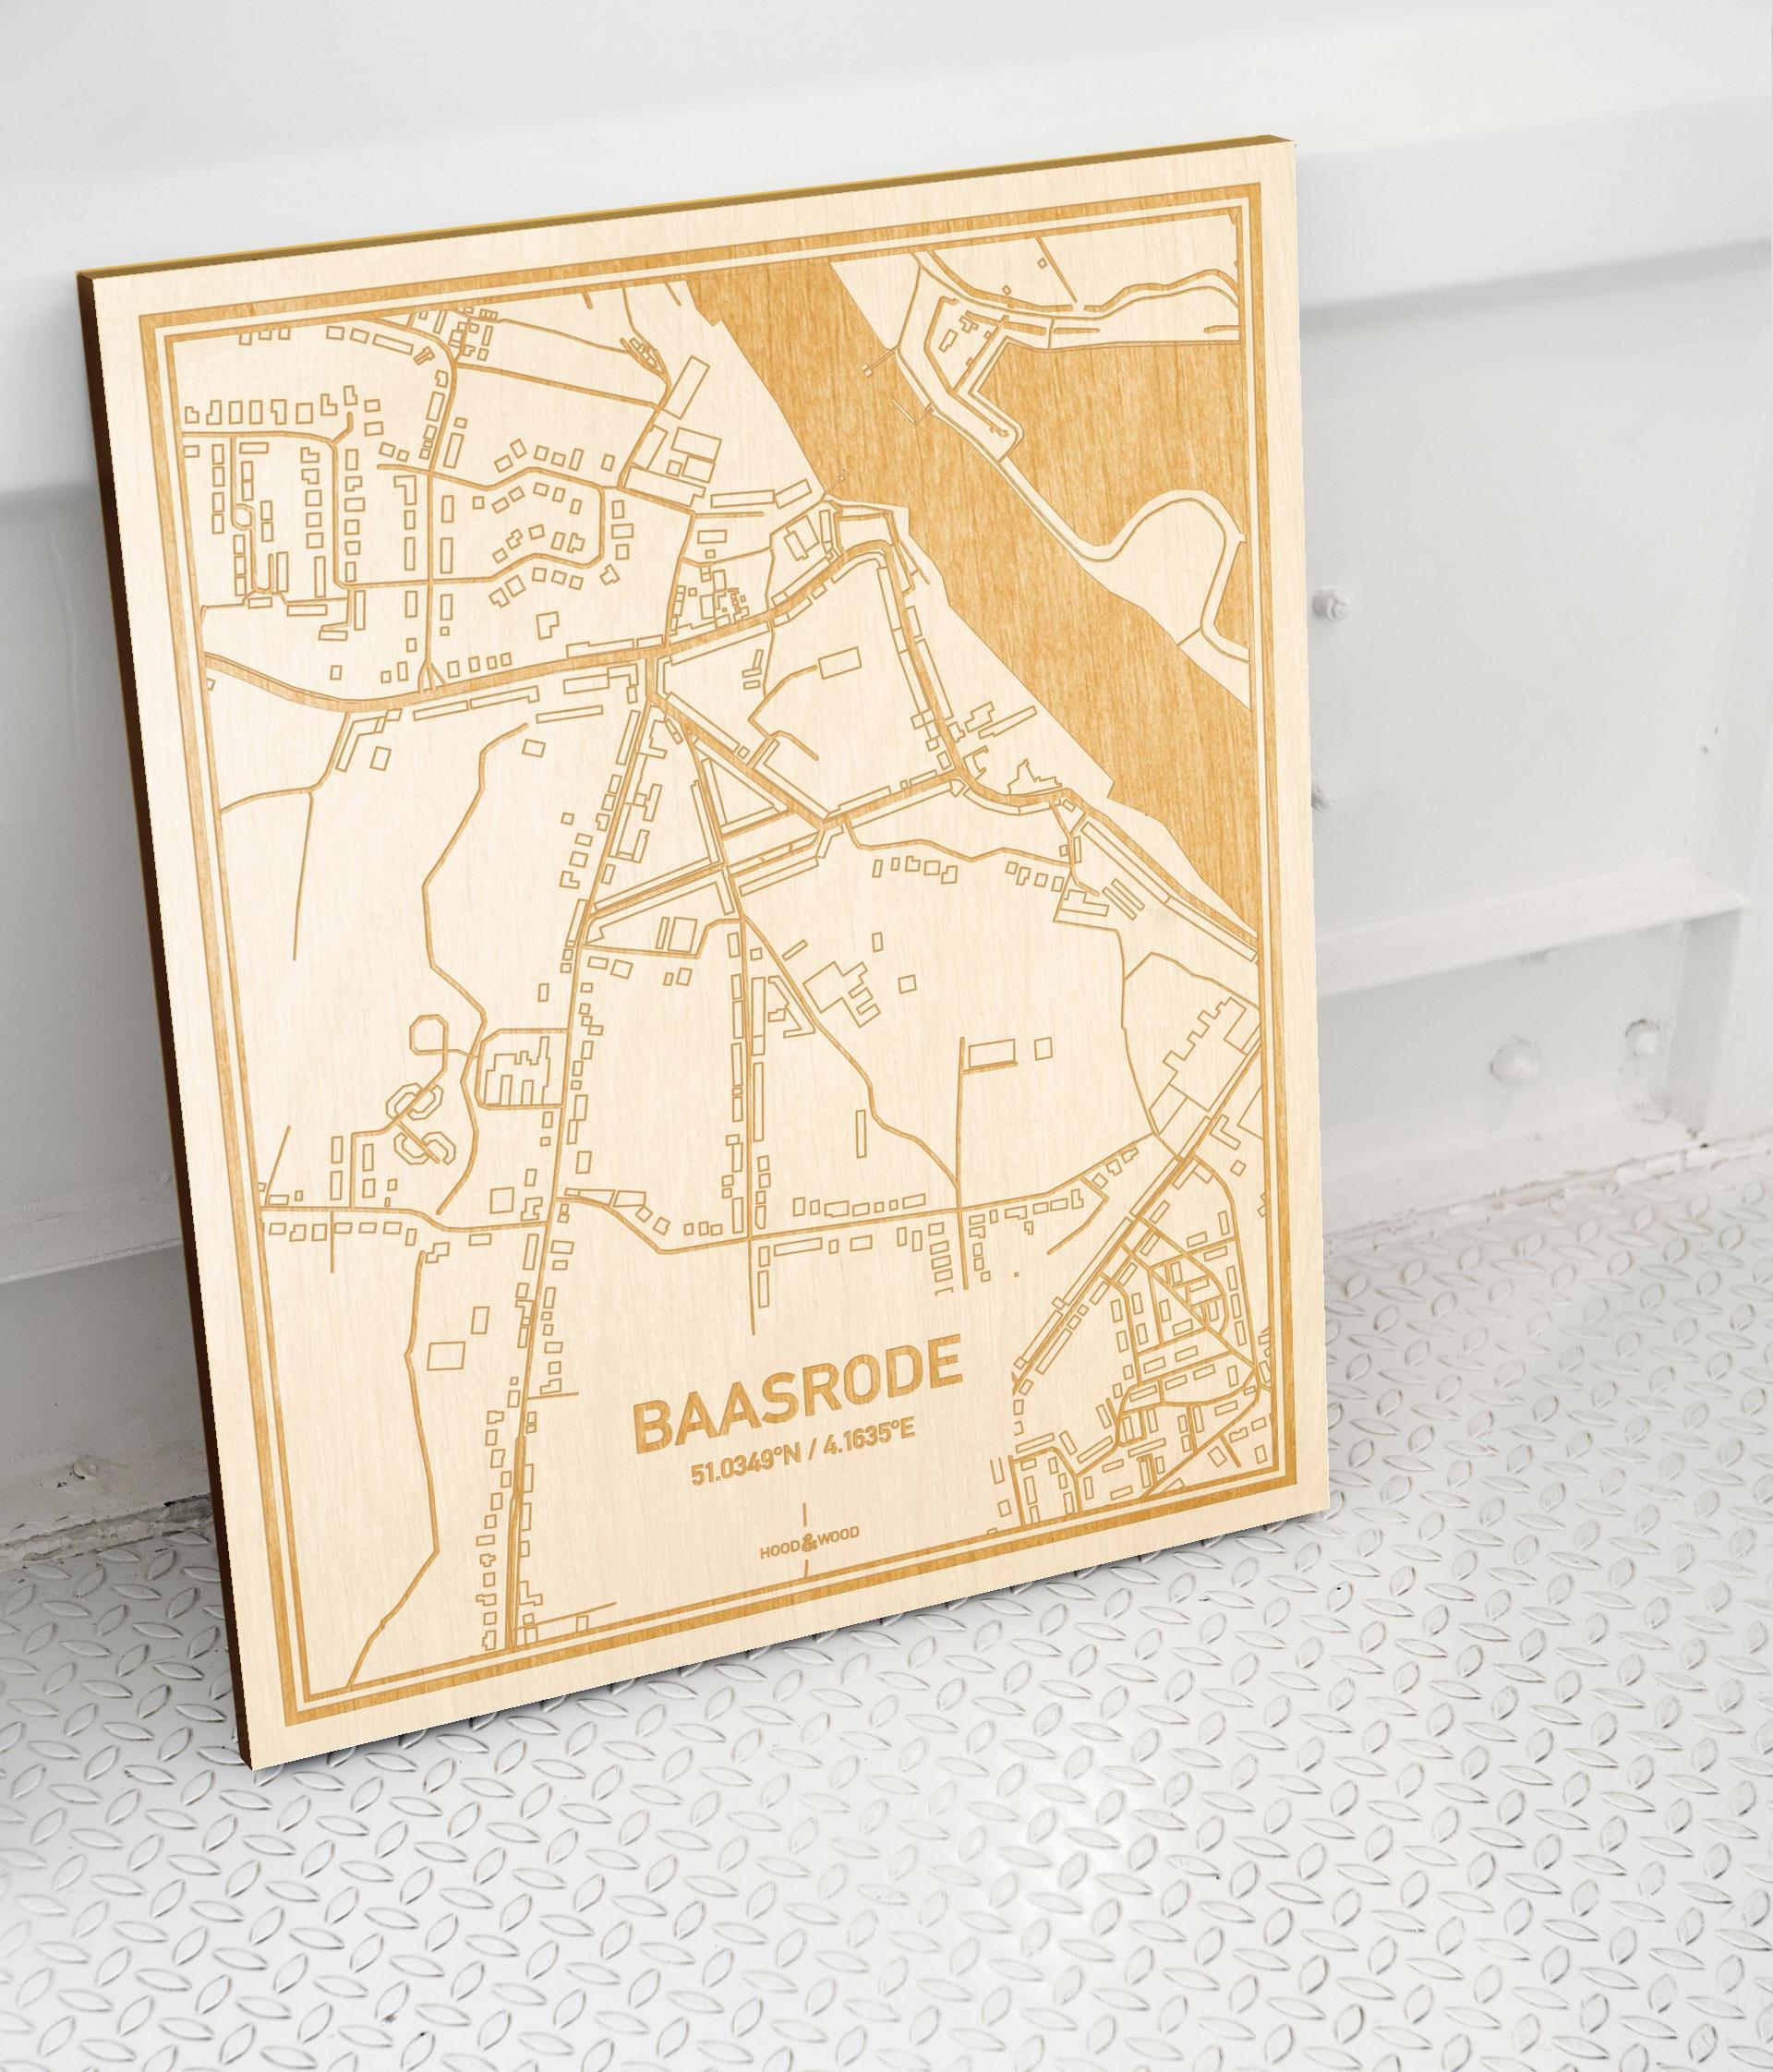 Plattegrond Baasrode als prachtige houten wanddecoratie. Het warme hout contrasteert mooi met de witte muur.